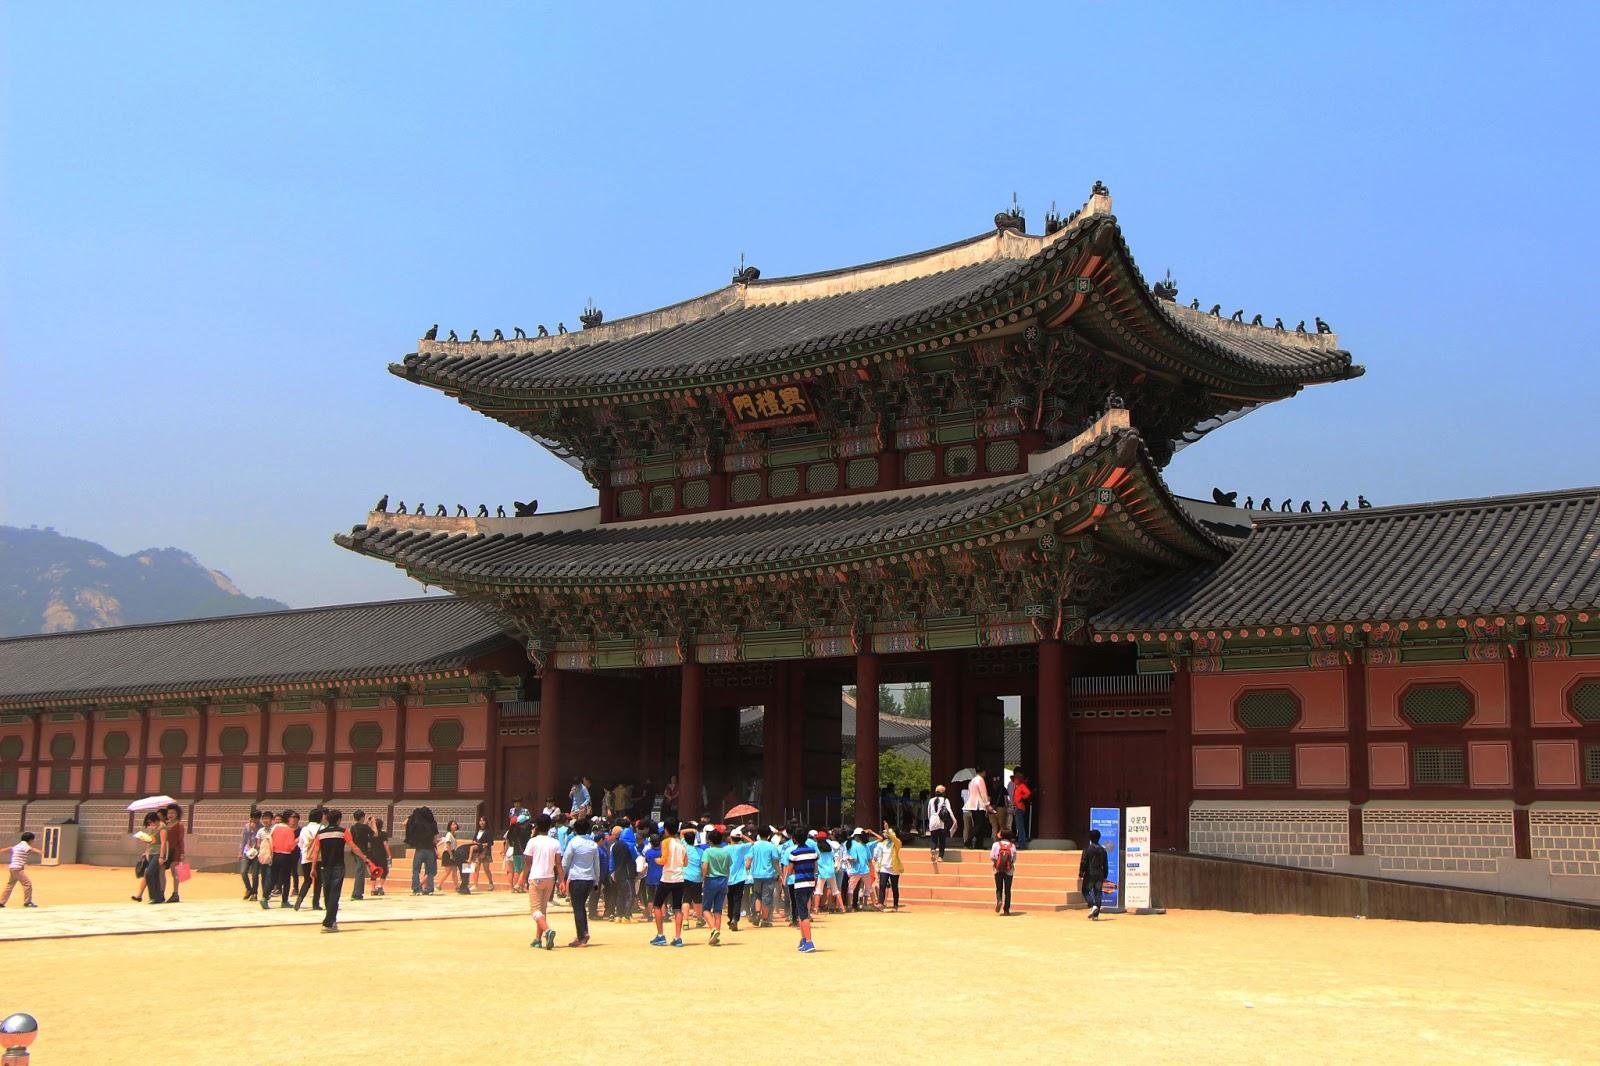 旅遊日記: 首爾五天自由行 Day3 景福宮